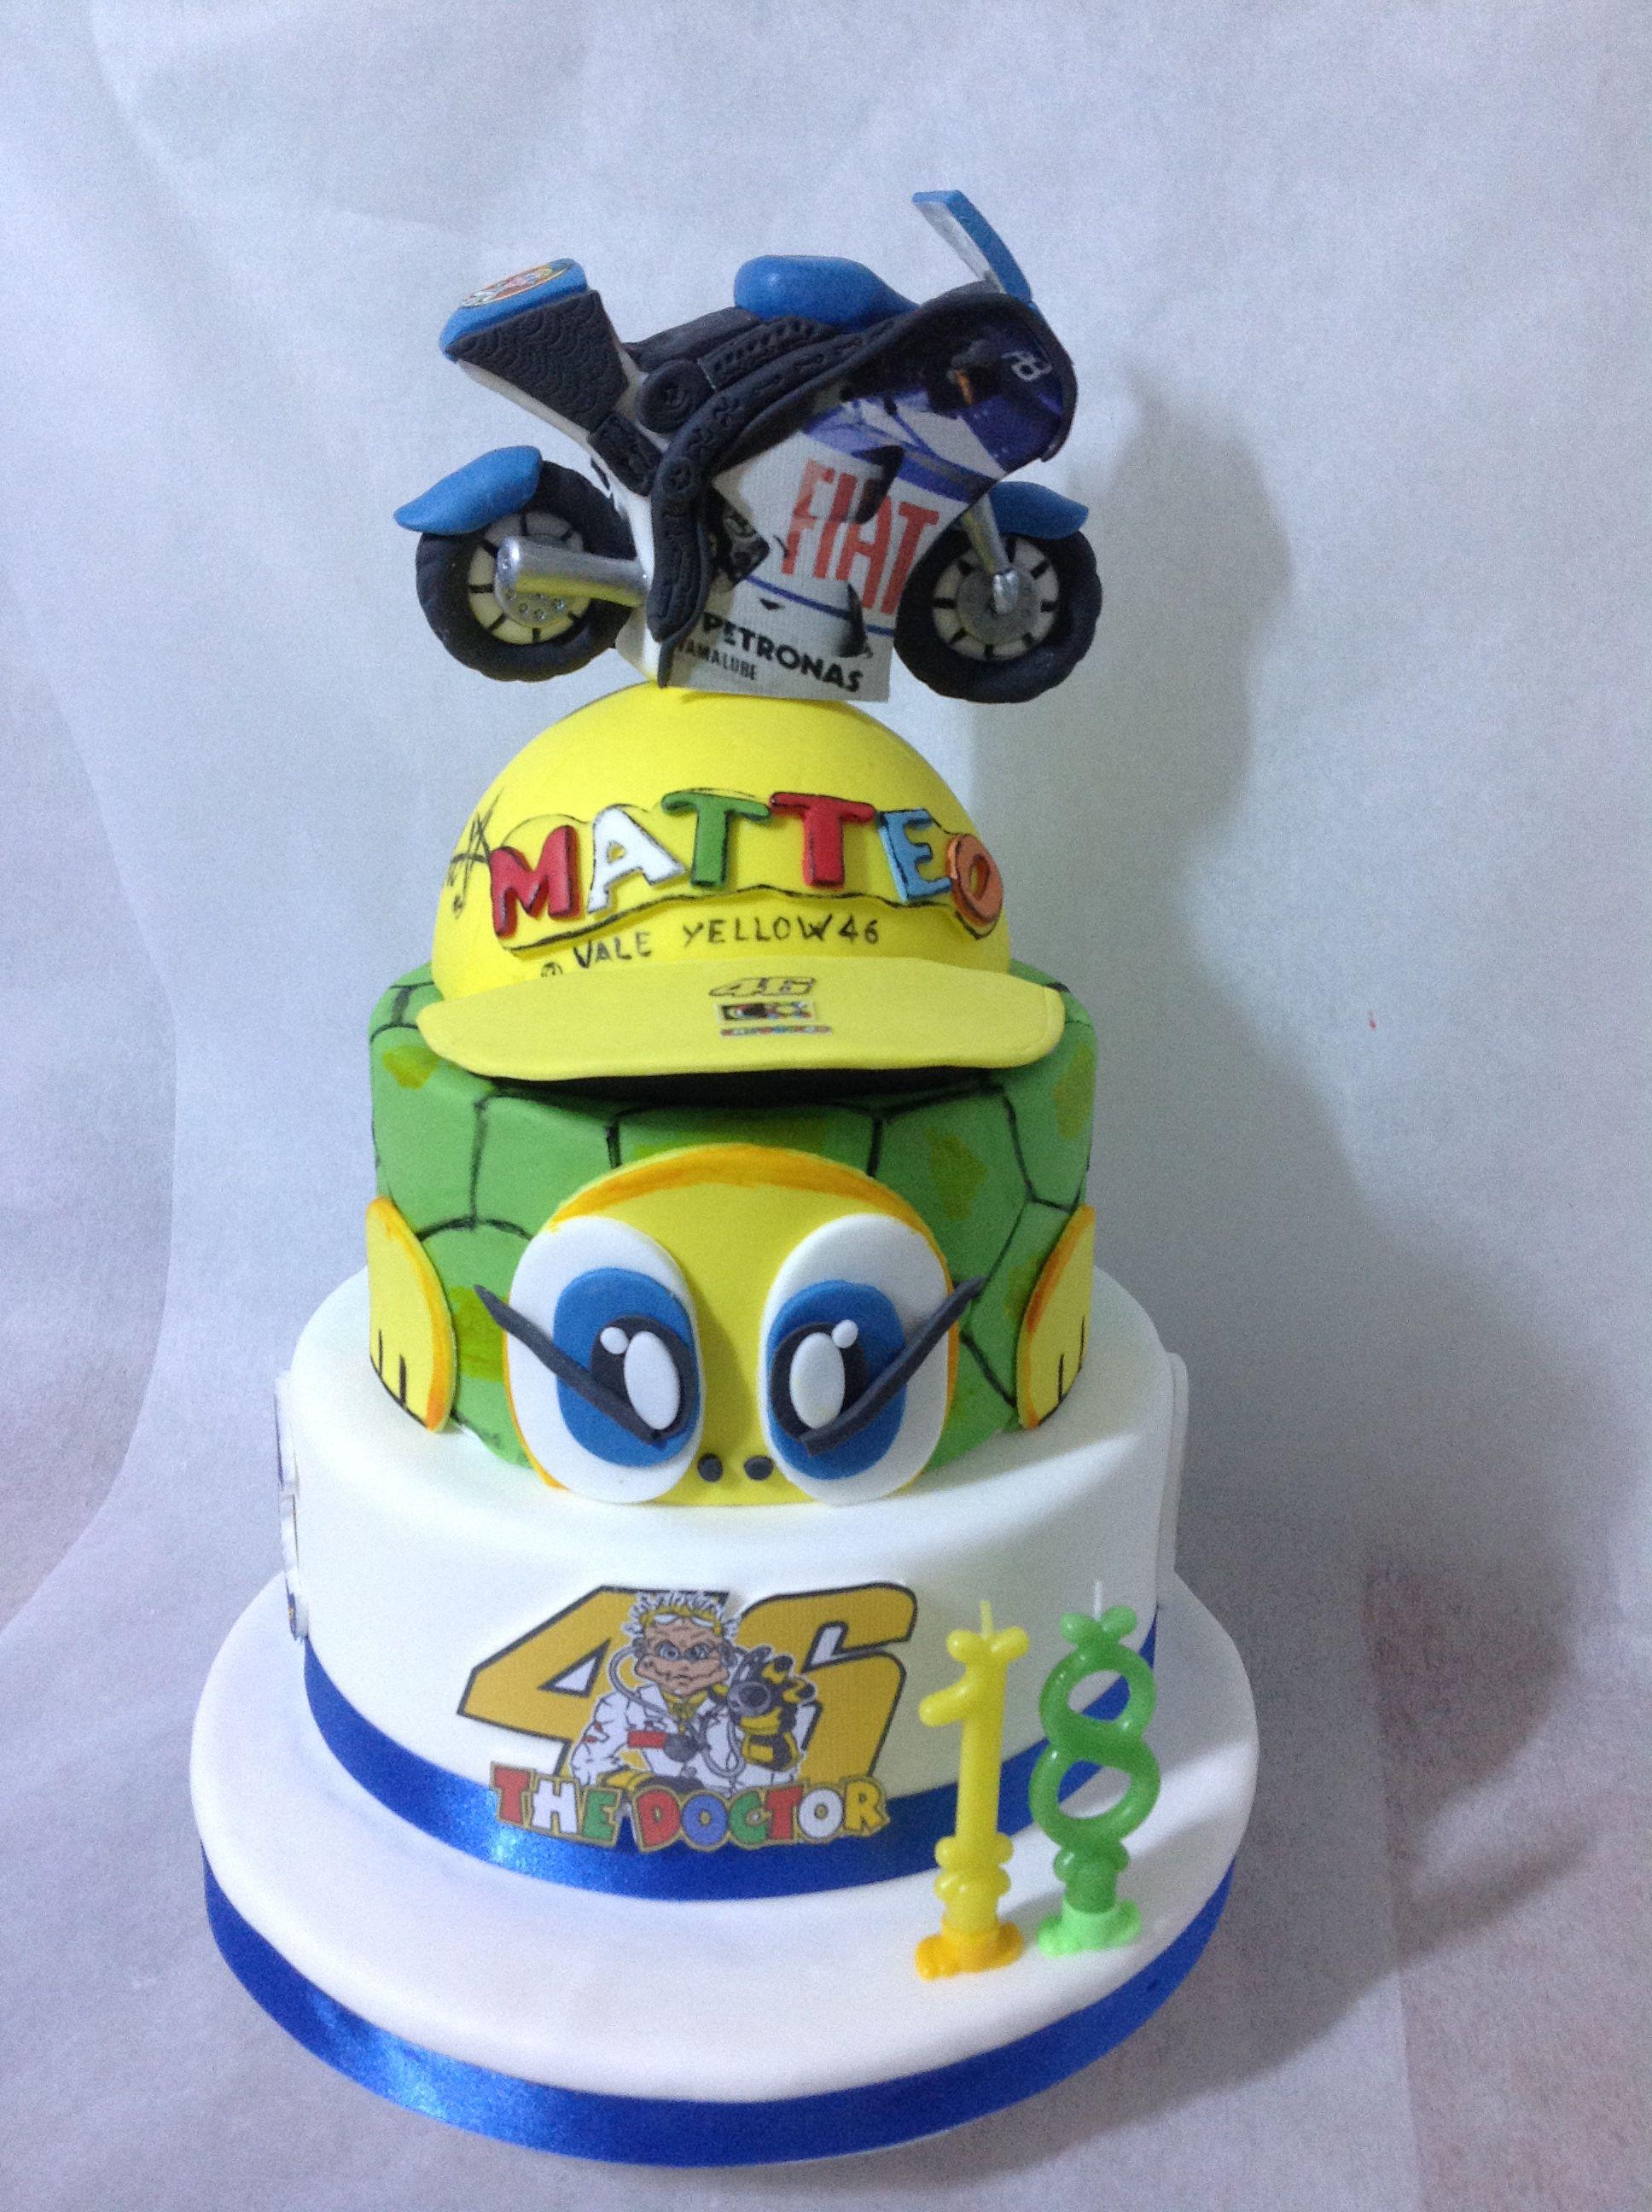 best service 654e4 71f0f Valentino Rossi cake | Cakes nel 2019 | Torte di compleanno ...